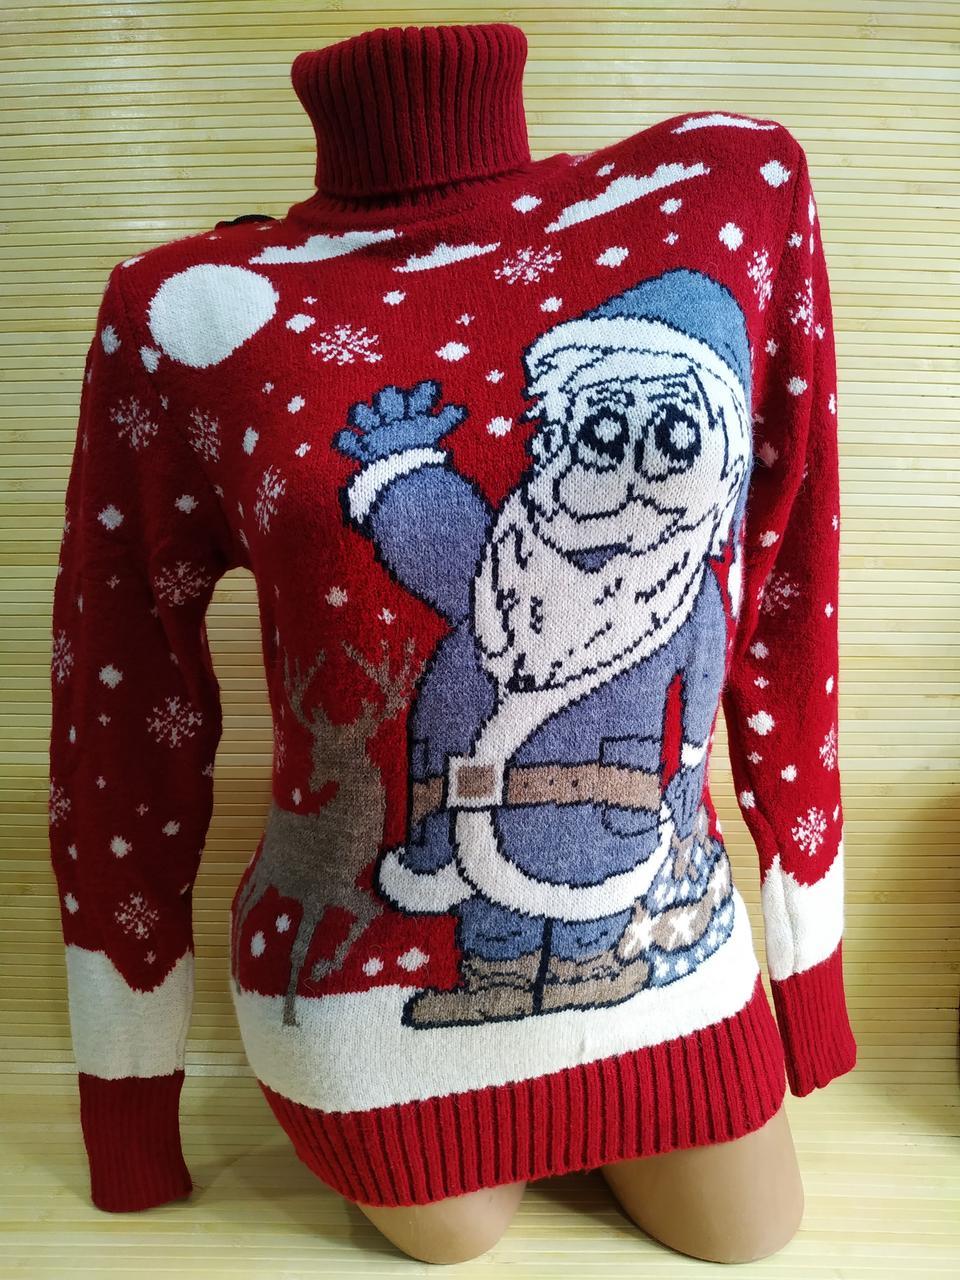 Червоний светр Санта Клаус